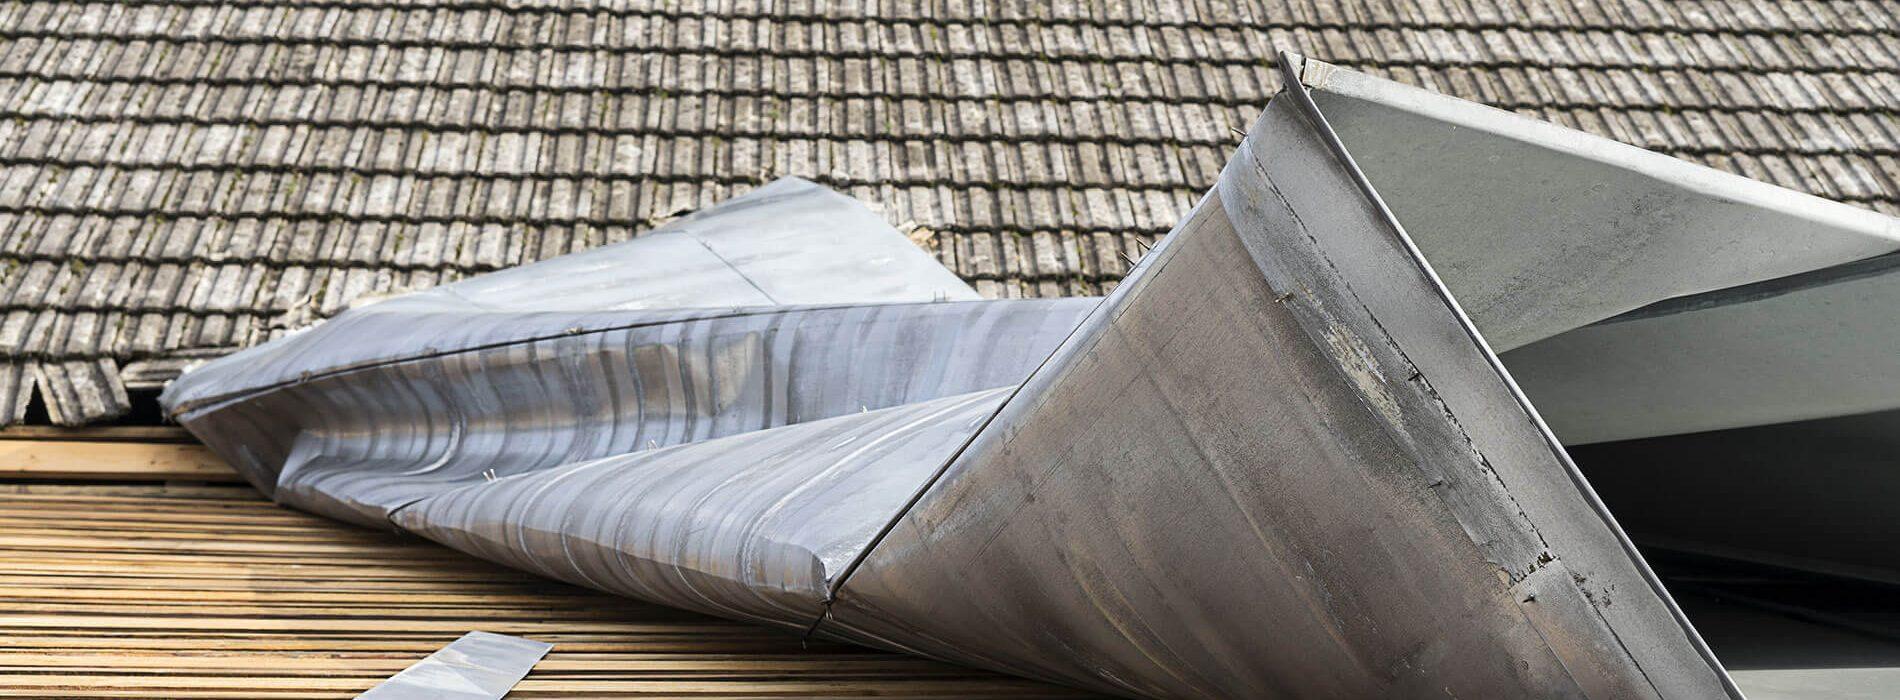 Sturmschaden Dachdecker Dach Muenchen